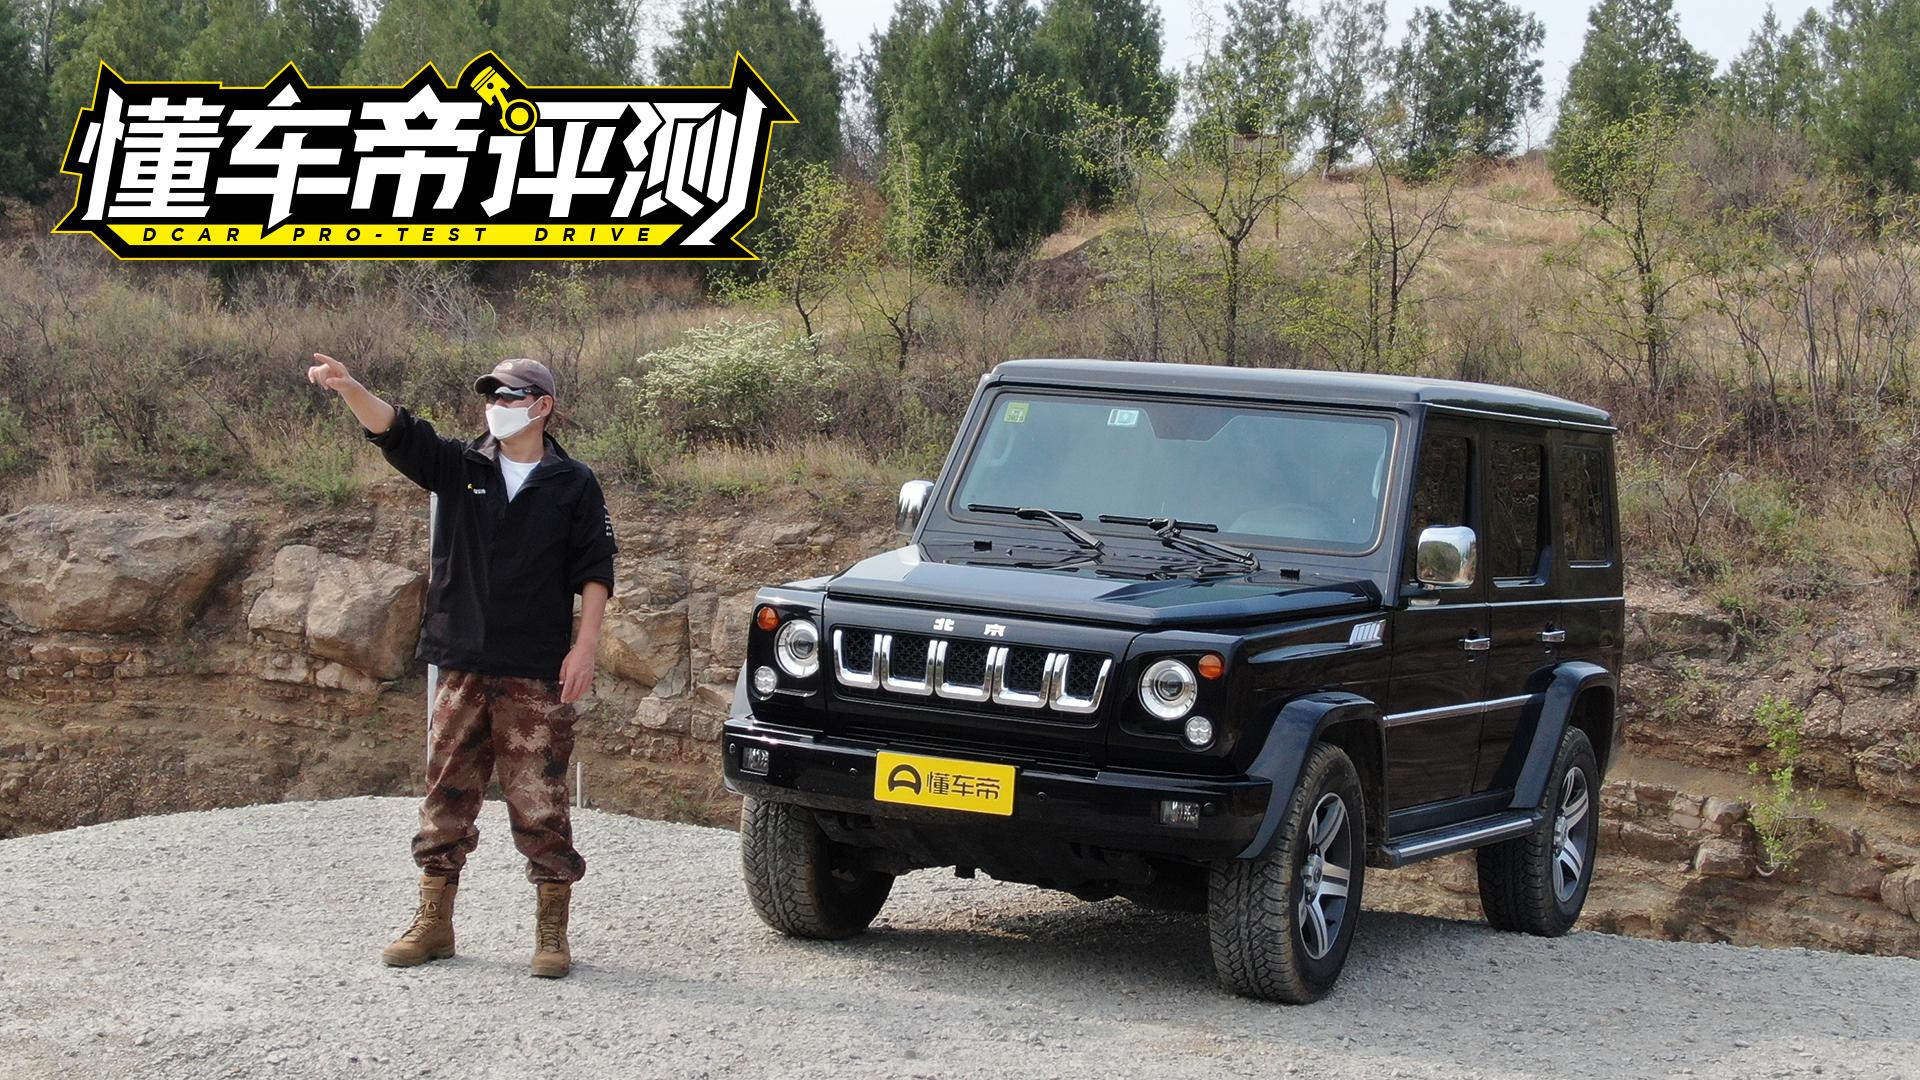 超高回头率的北京BJ80让人欢喜让人愁,国产硬派越野车该何去何从?